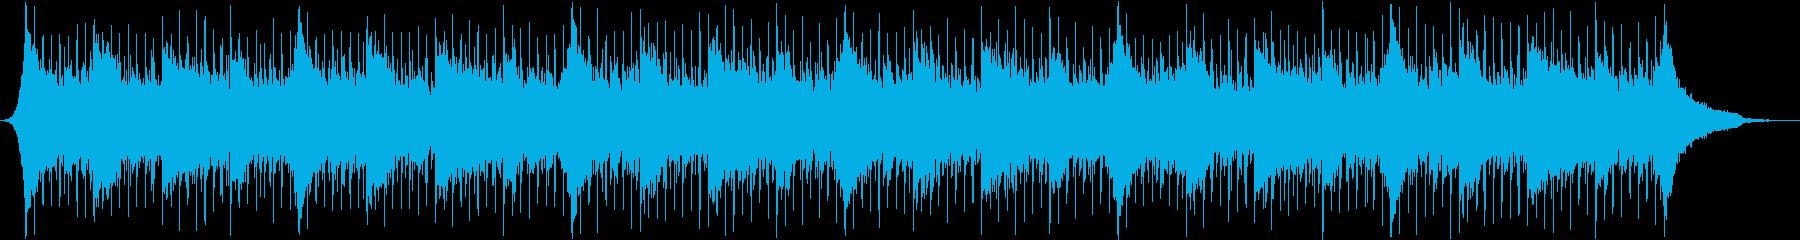 企業VP系91、シンプル、アンビ、爽快aの再生済みの波形